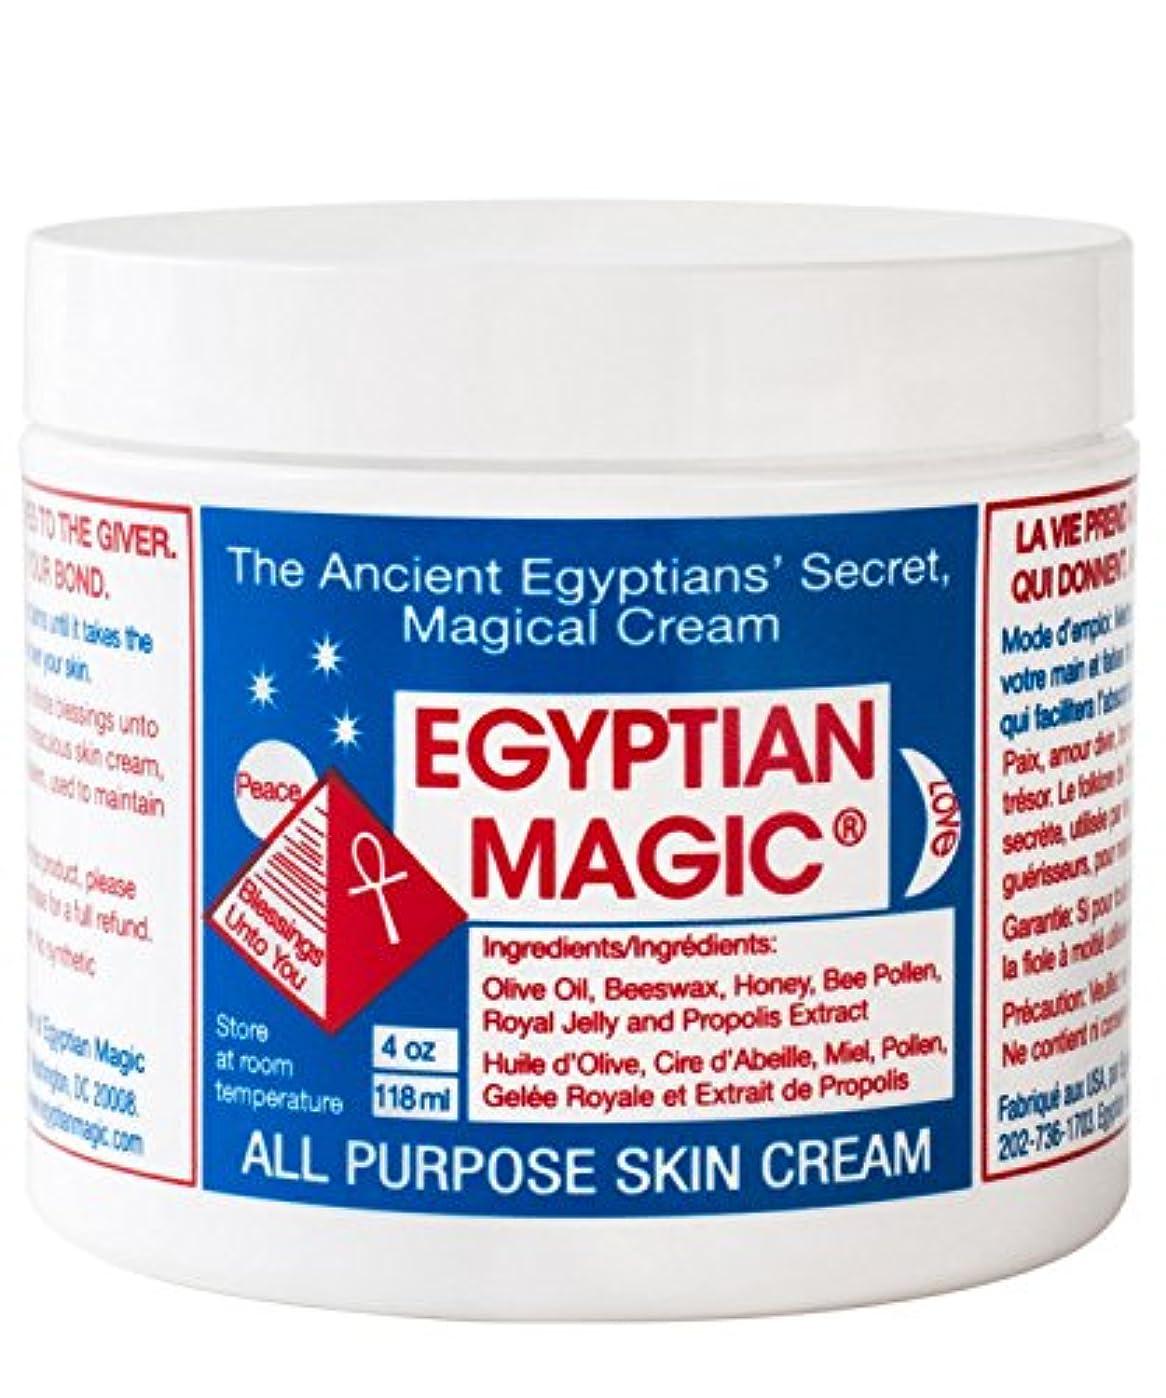 理由パンダ図書館Egyptian Magic All Purpose Skin Cream 118ml - エジプトの魔法の万能スキンクリーム118ミリリットル [並行輸入品]